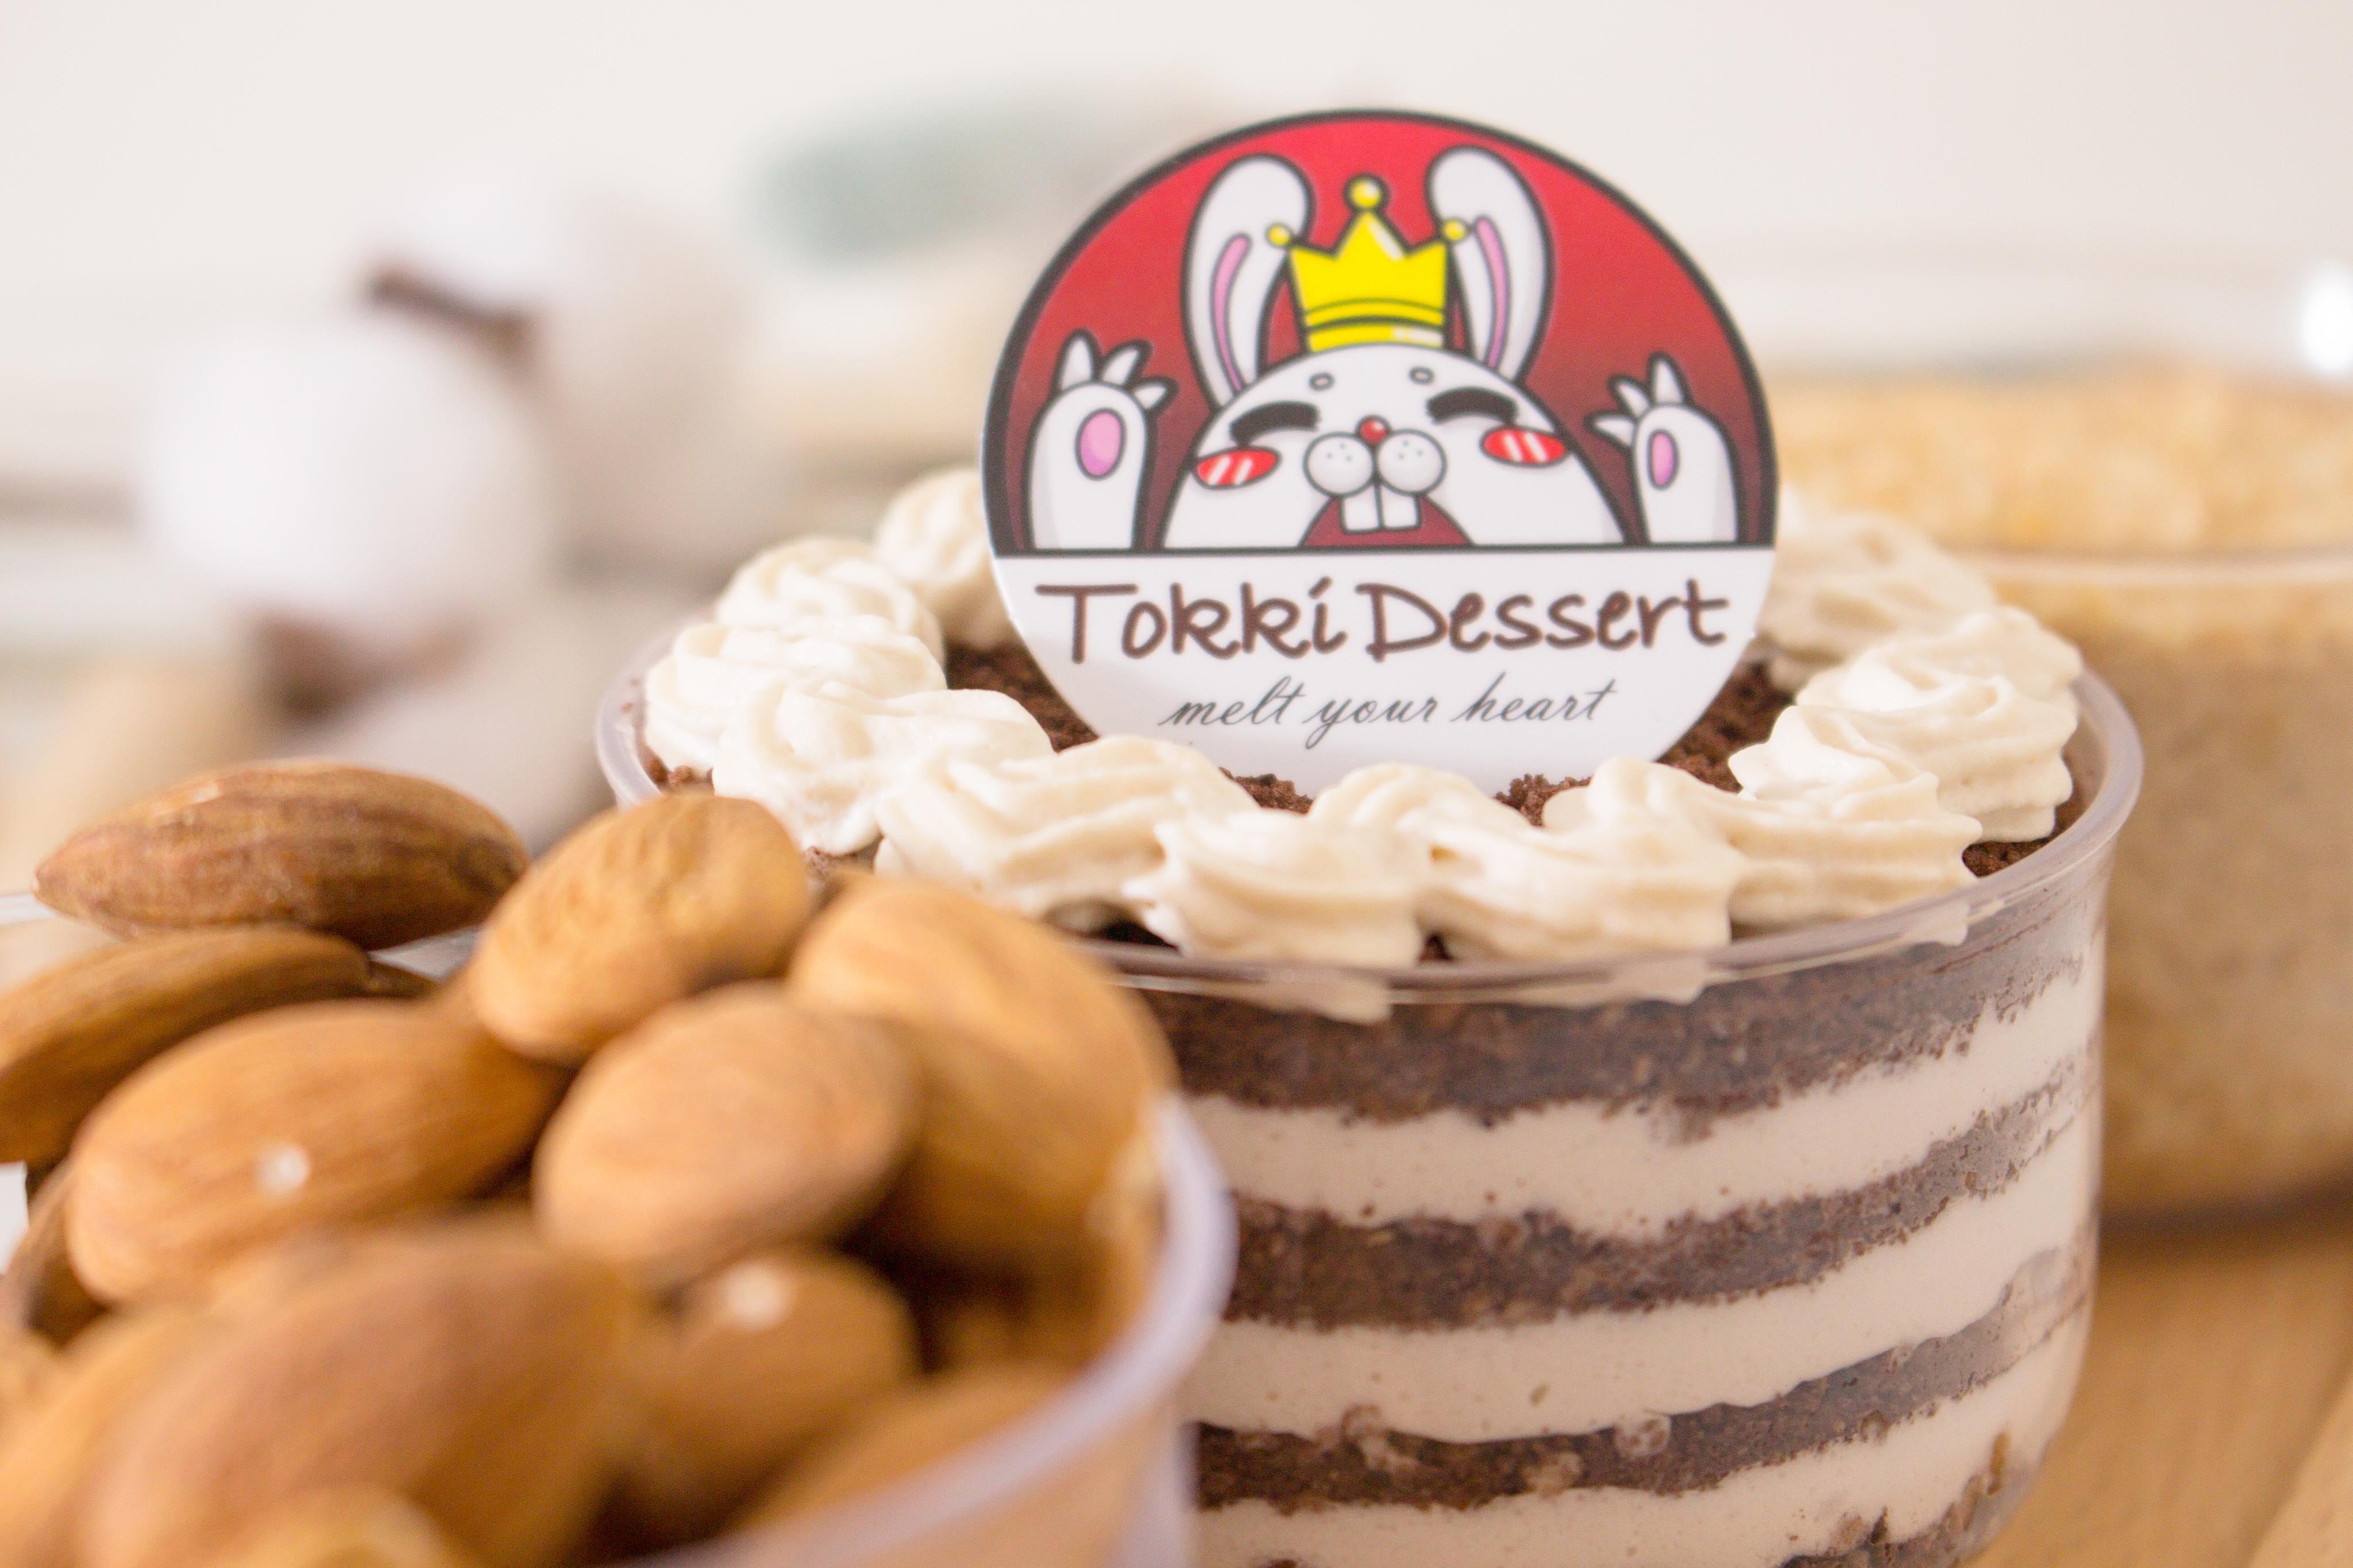 木糠布甸-濃烈可可(100g) 老闆大推款 母親節嚐鮮價 可可粉 奶油蛋糕 布丁 布蕾 甜點